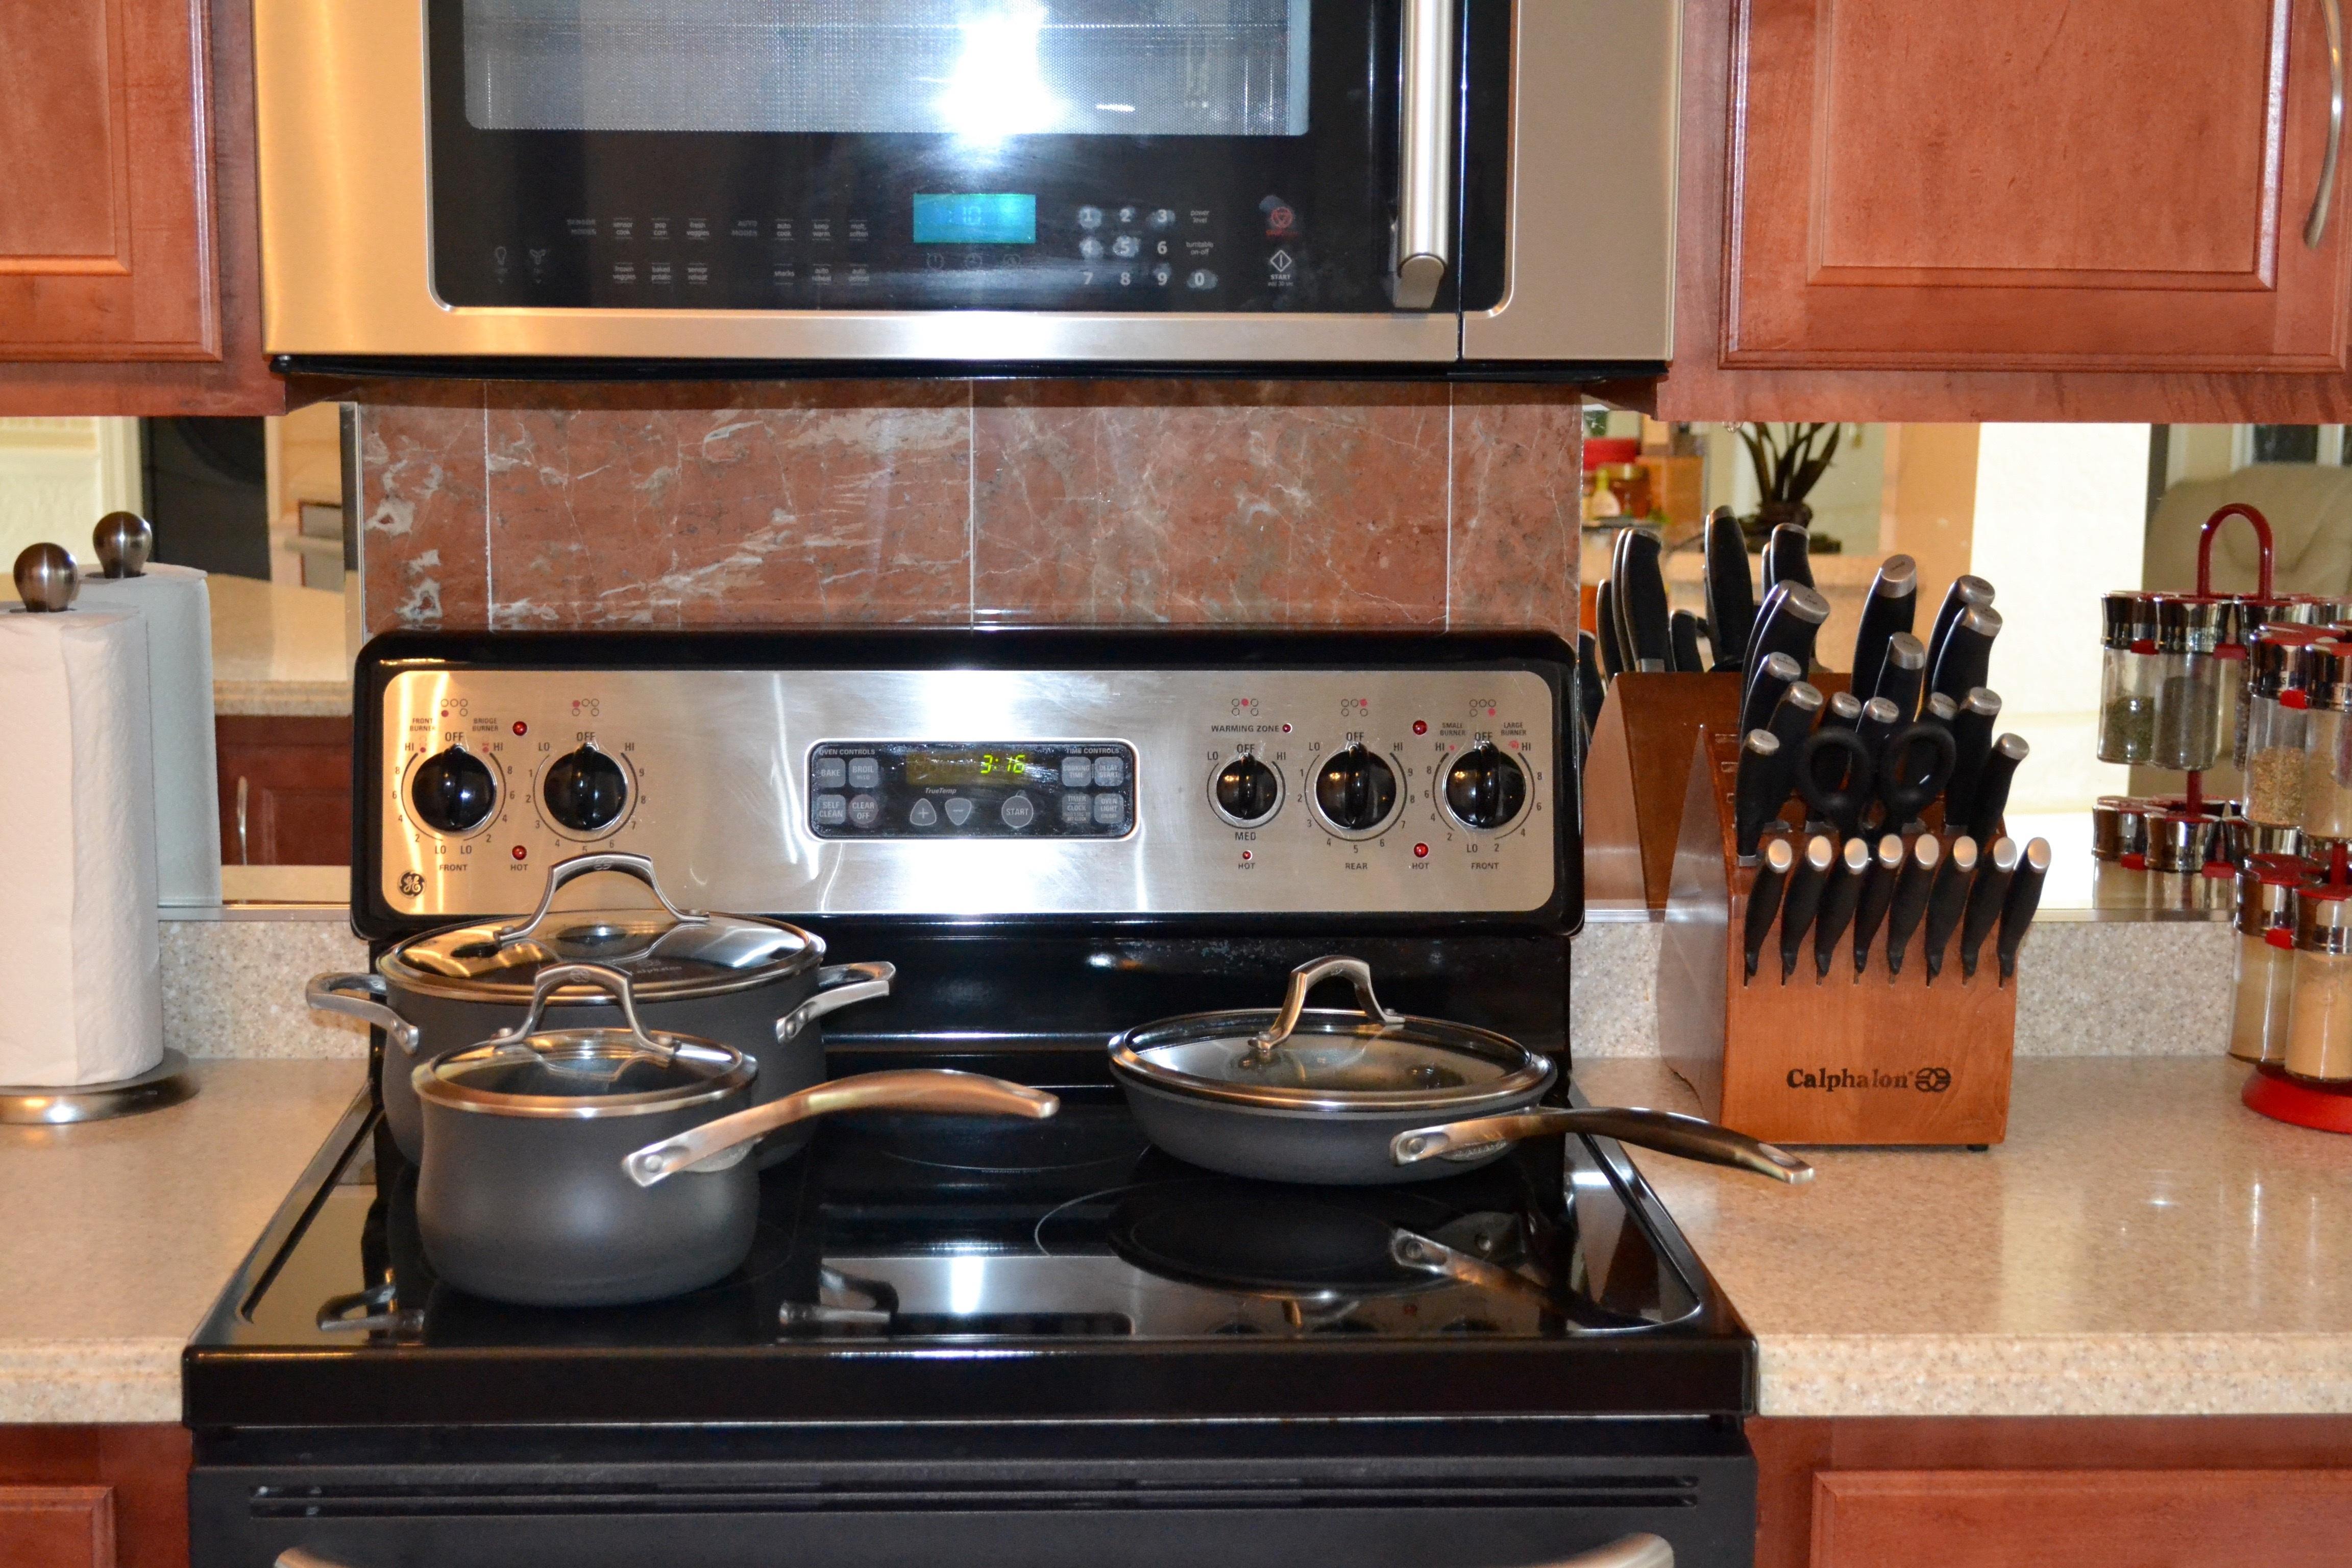 Kostenlose foto : Tabelle, Haus, Innere, Zuhause, Zähler, Küche ...